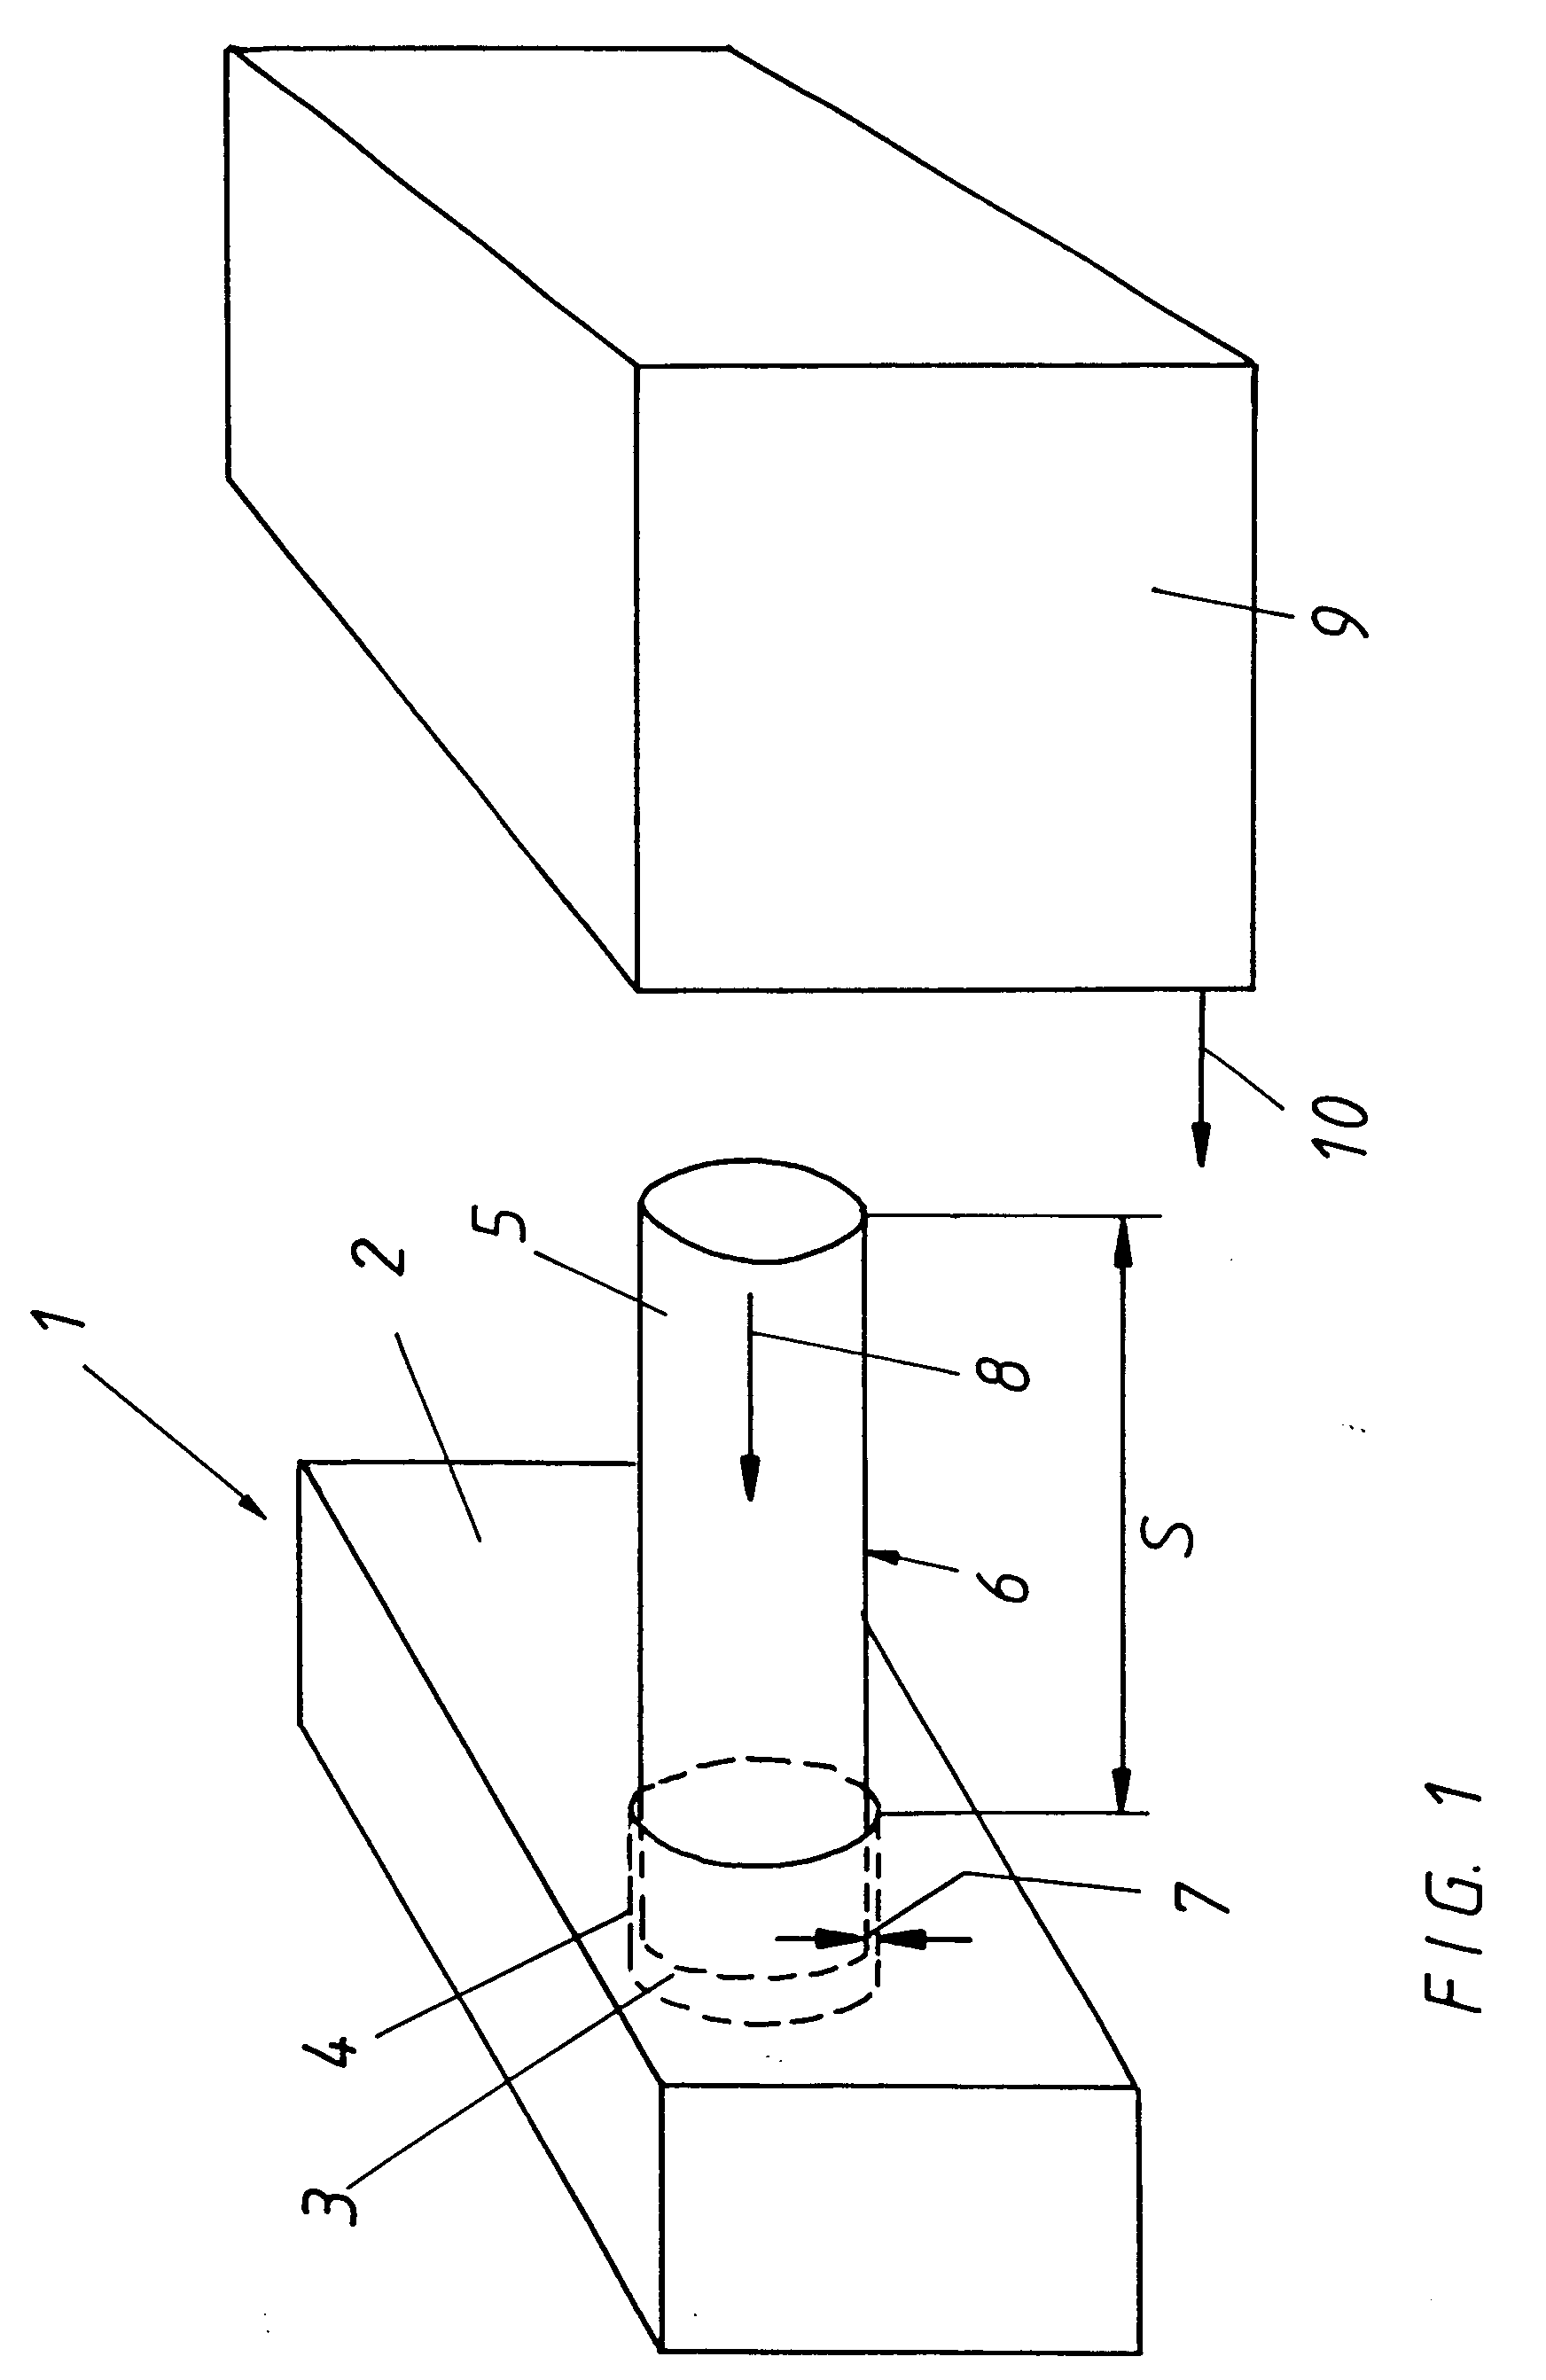 patent ep1106768a2 verfahren zum abbremsen einer bewegten masse sowie brems und d mpfelement. Black Bedroom Furniture Sets. Home Design Ideas